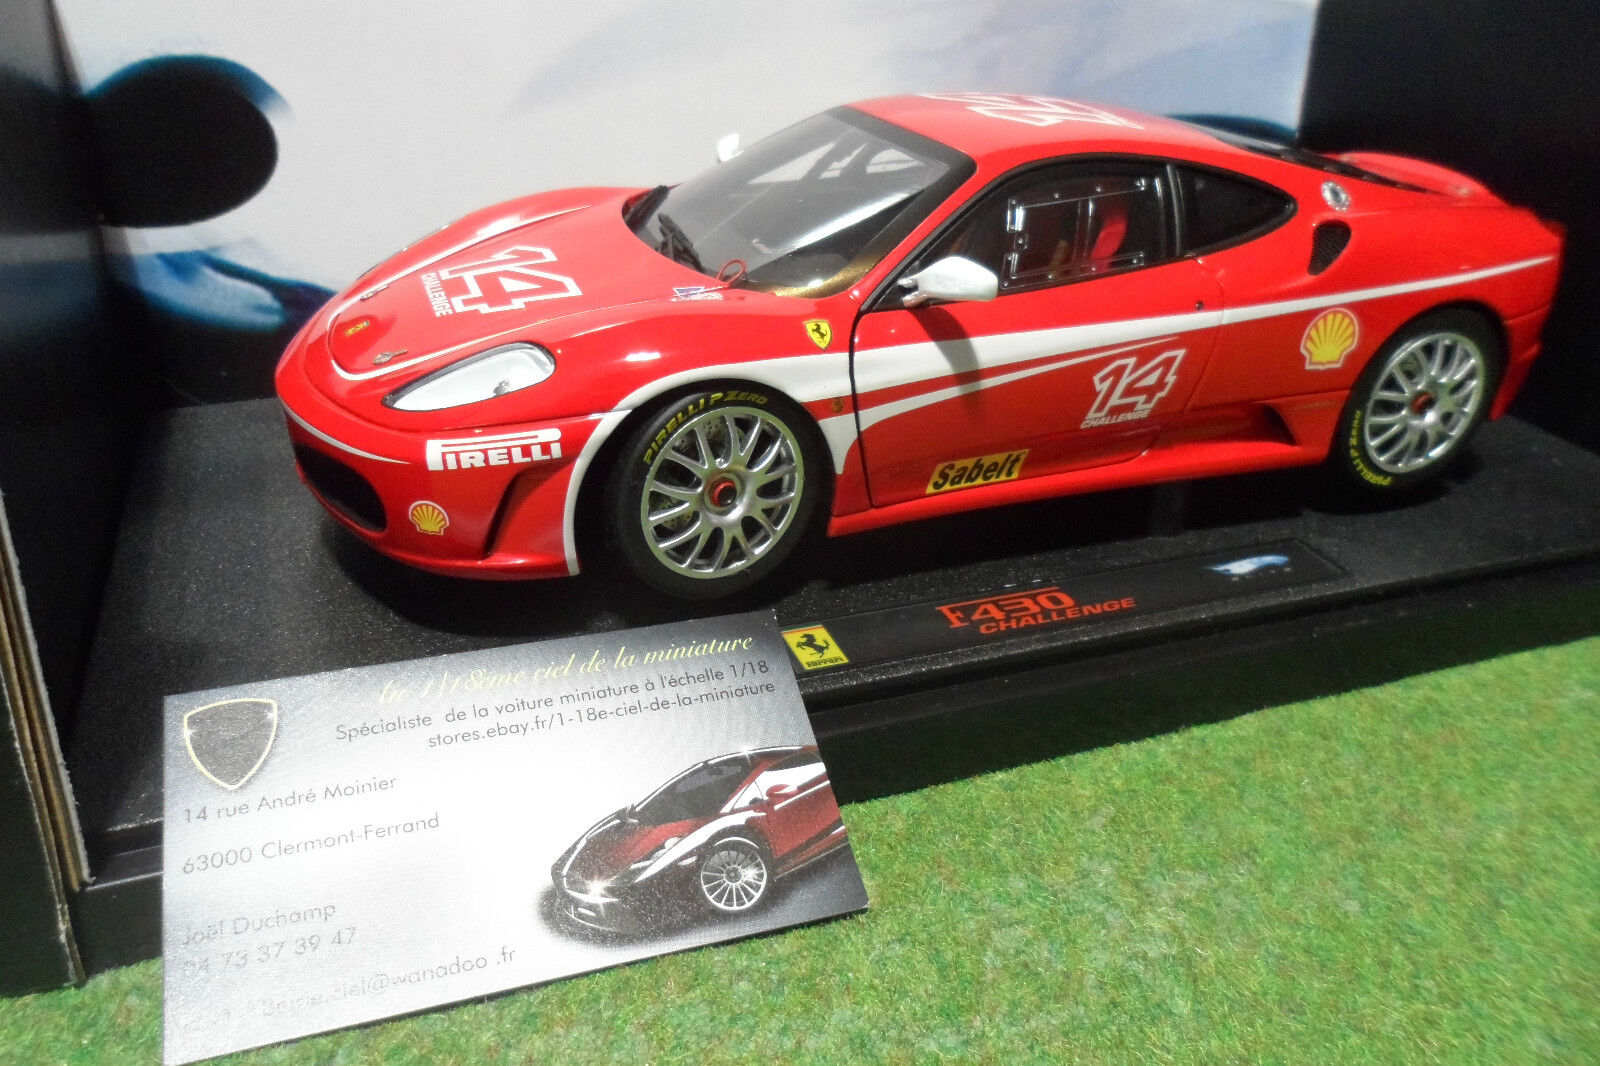 FERRARI F430 CHALLENGE red au 1 18 d ELITE HOT WHEELS MATTEL J2923 voiture